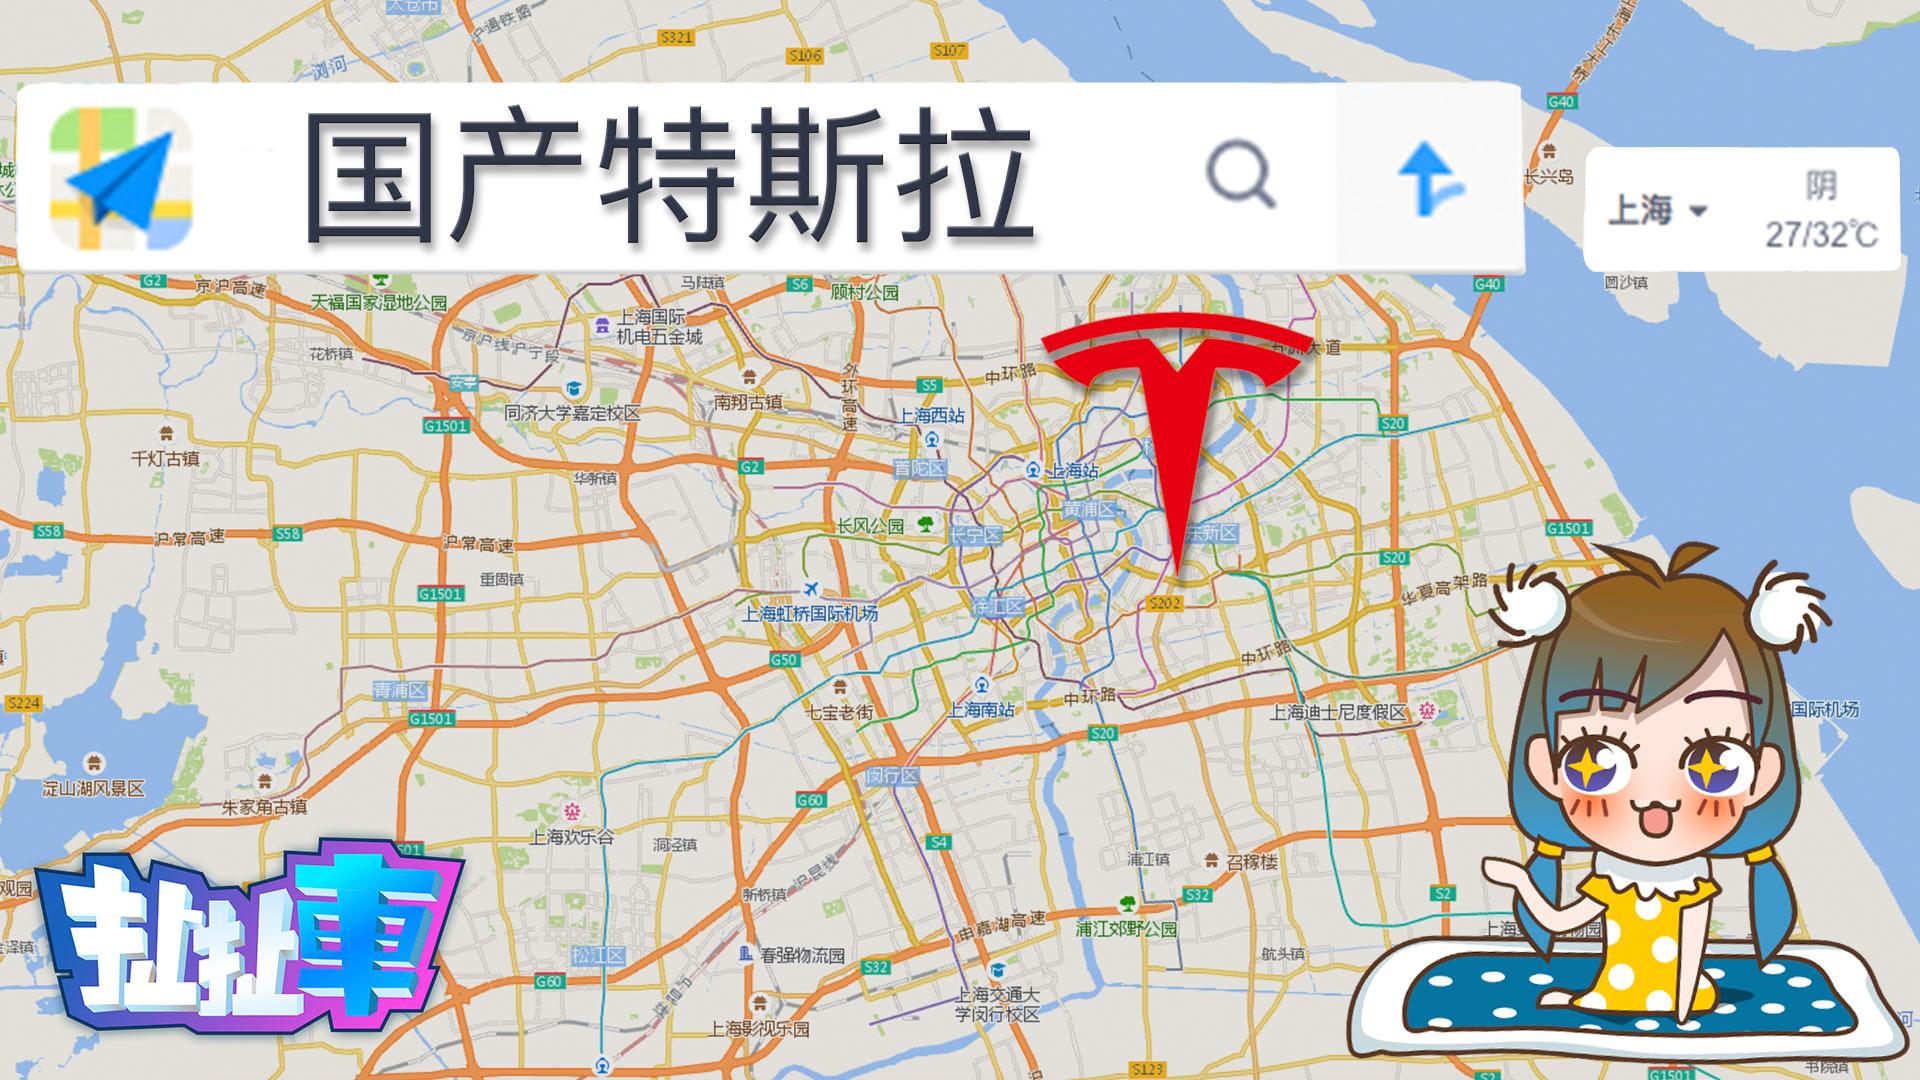 【扯扯车】国产特斯拉孤身落户上海 打破中国23年合资制度